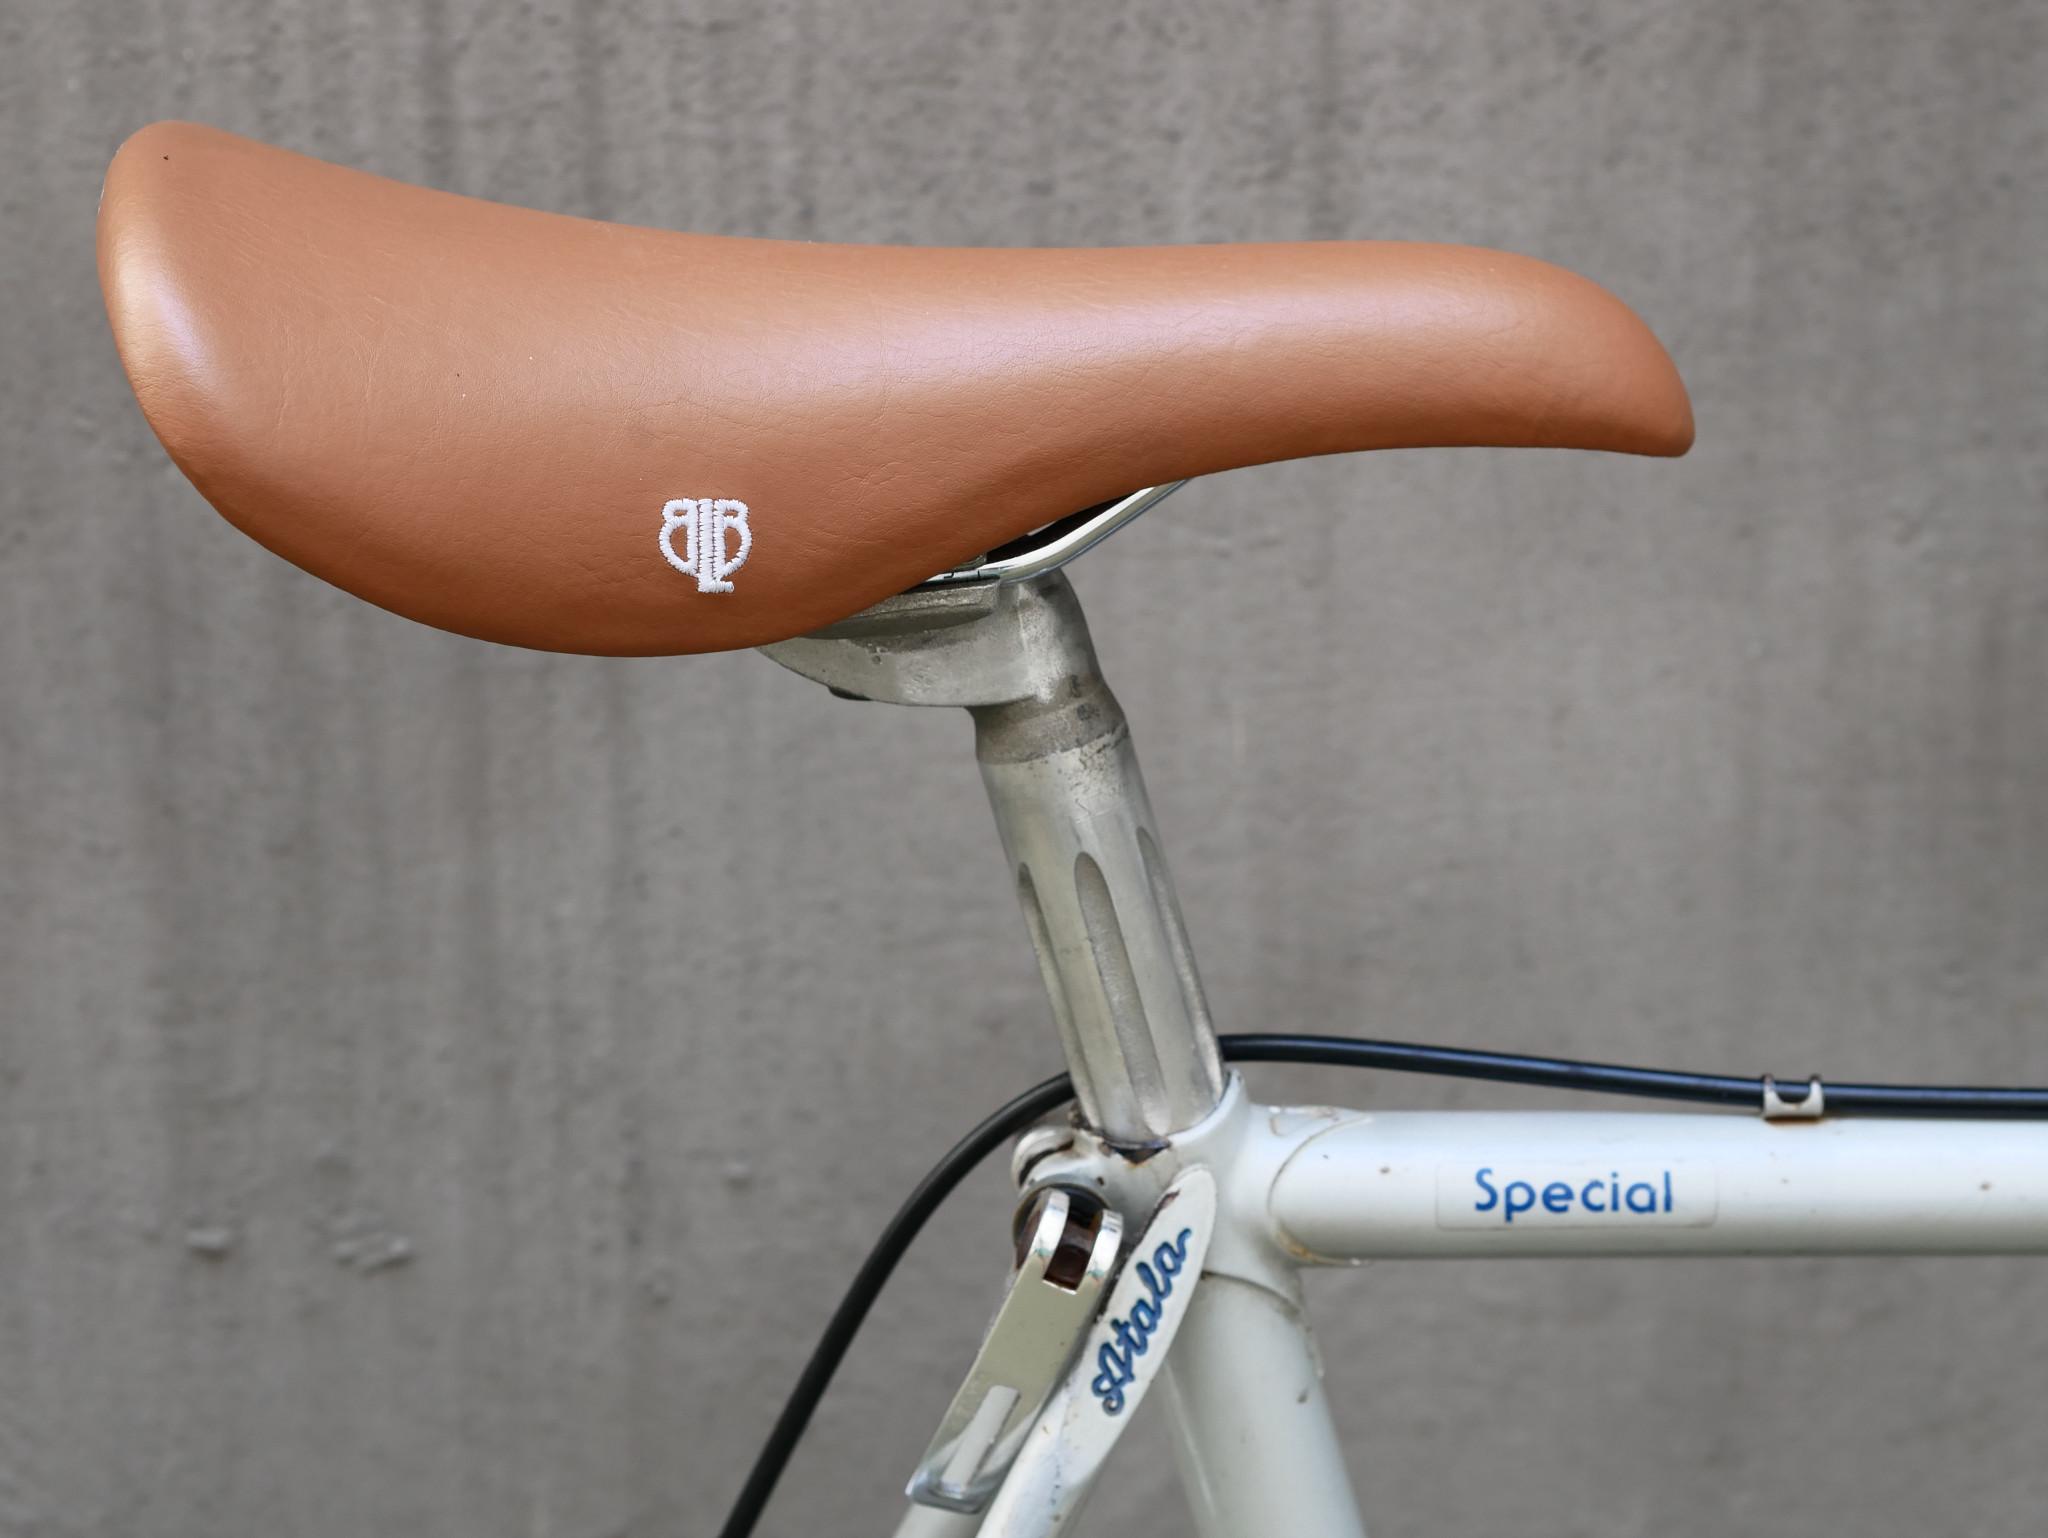 P1110684 - Atala Special